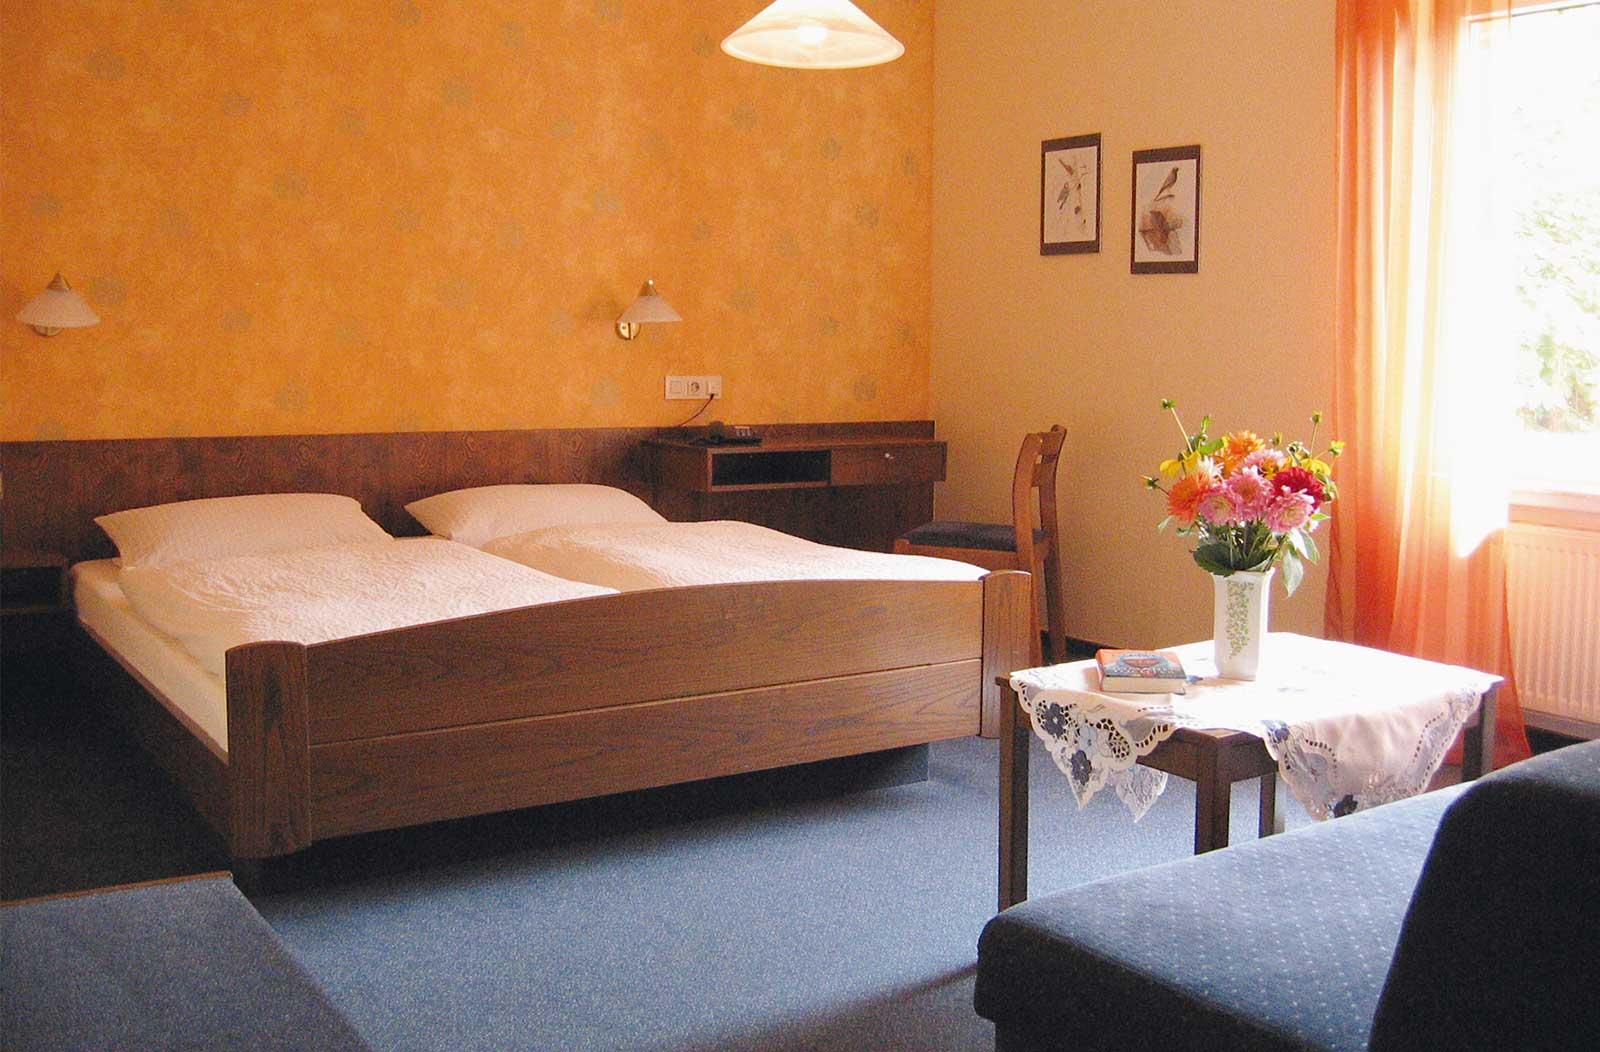 hotels_haus-schafbrueck_left-image_1600x1052